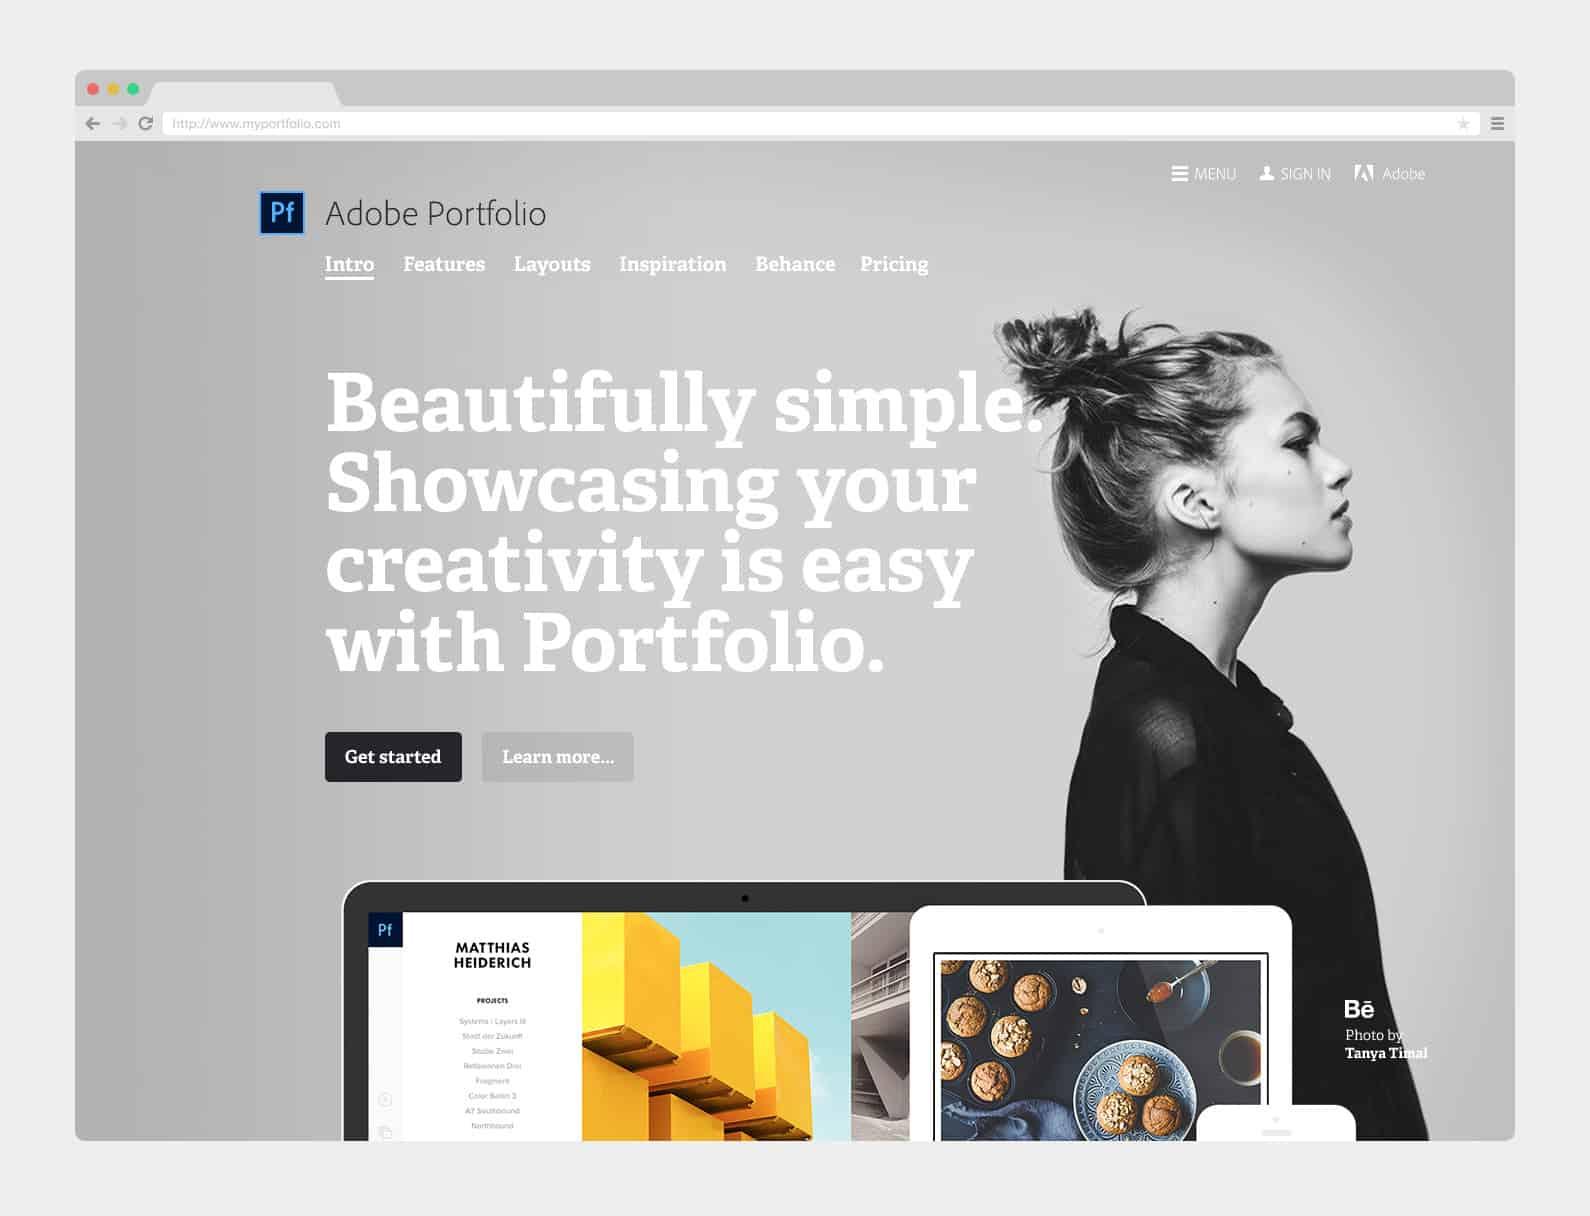 adobe-portfolio-marketing-home-2a